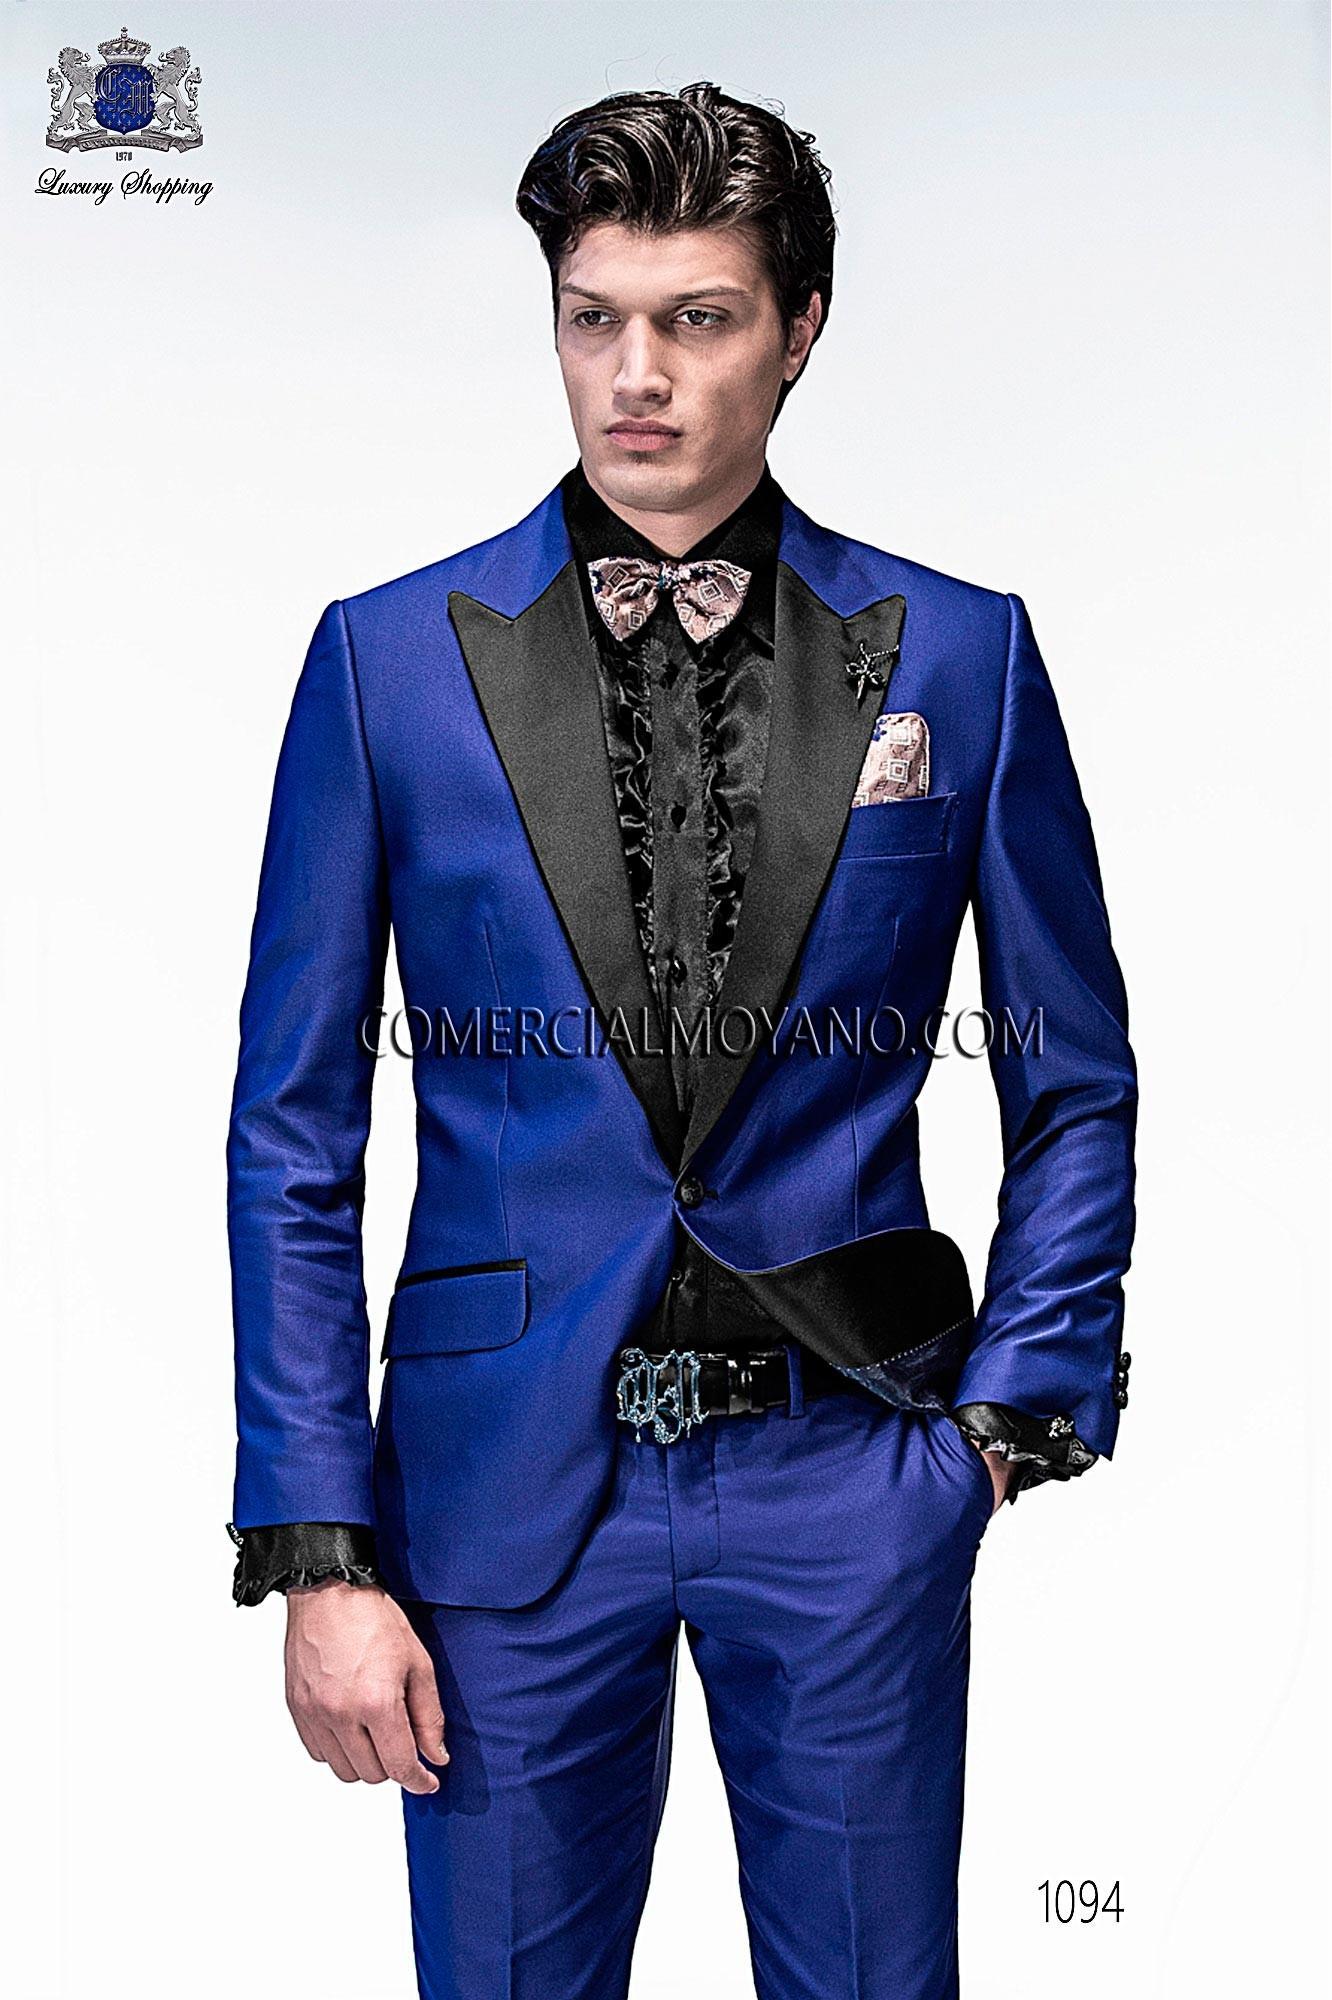 Traje Emotion de novio azul modelo: 1094 Ottavio Nuccio Gala colección Emotion